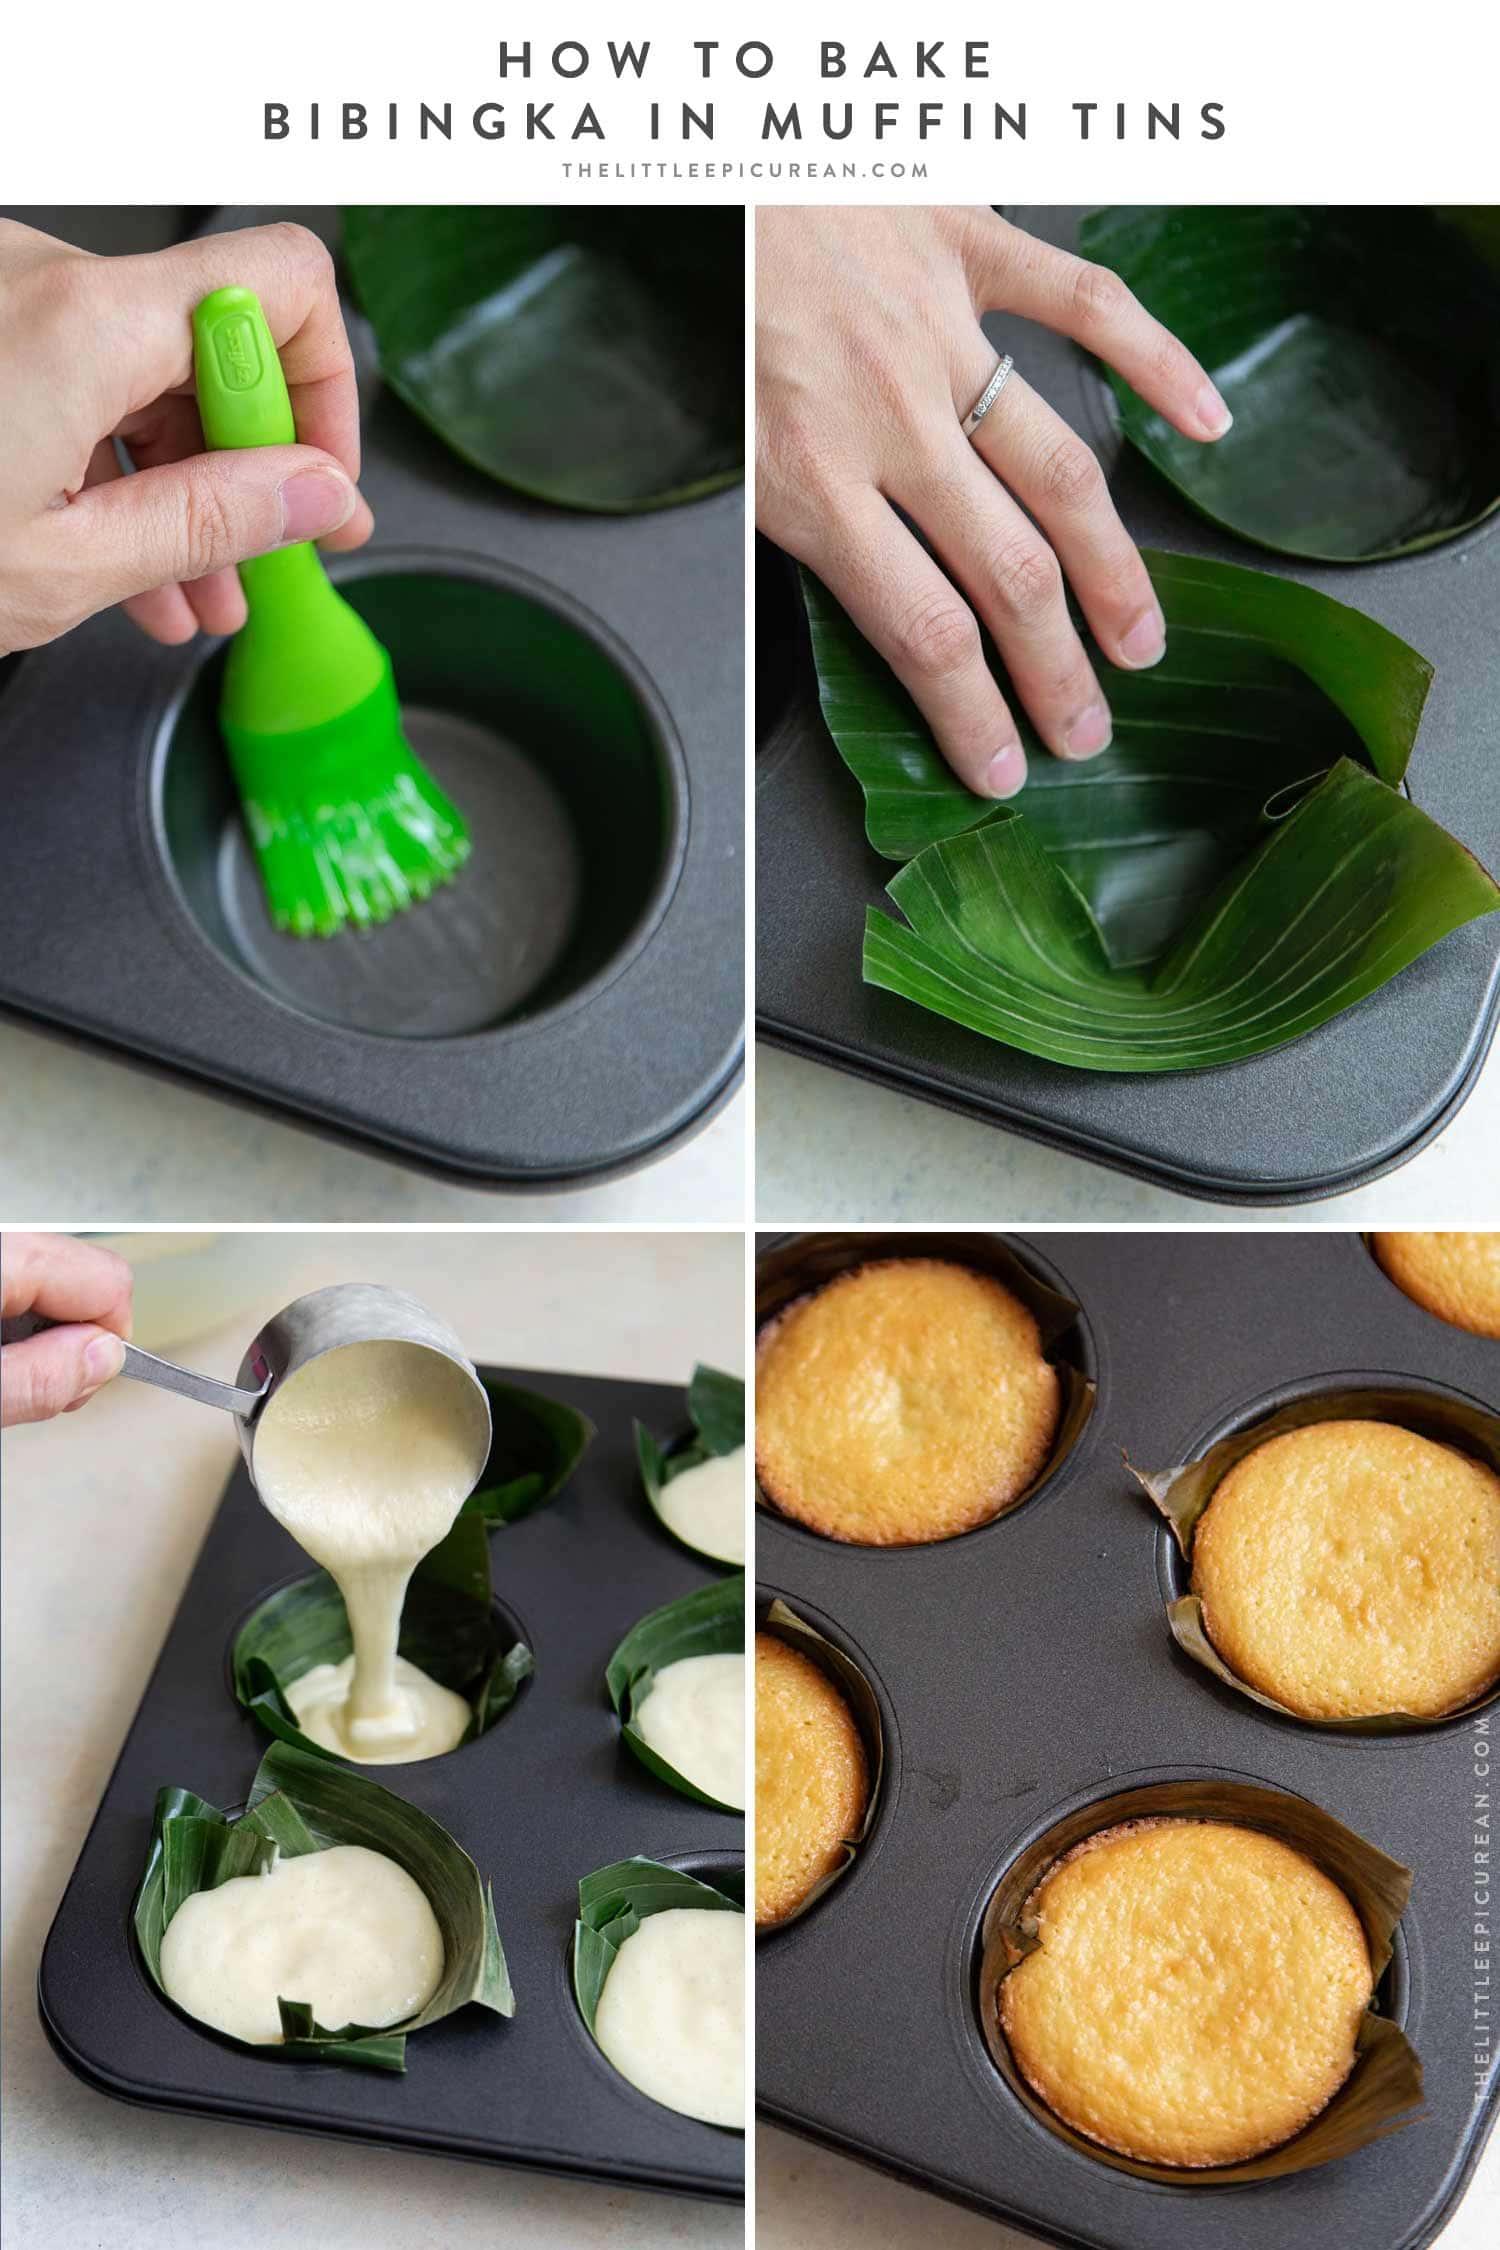 Bibingka baked in muffin tin